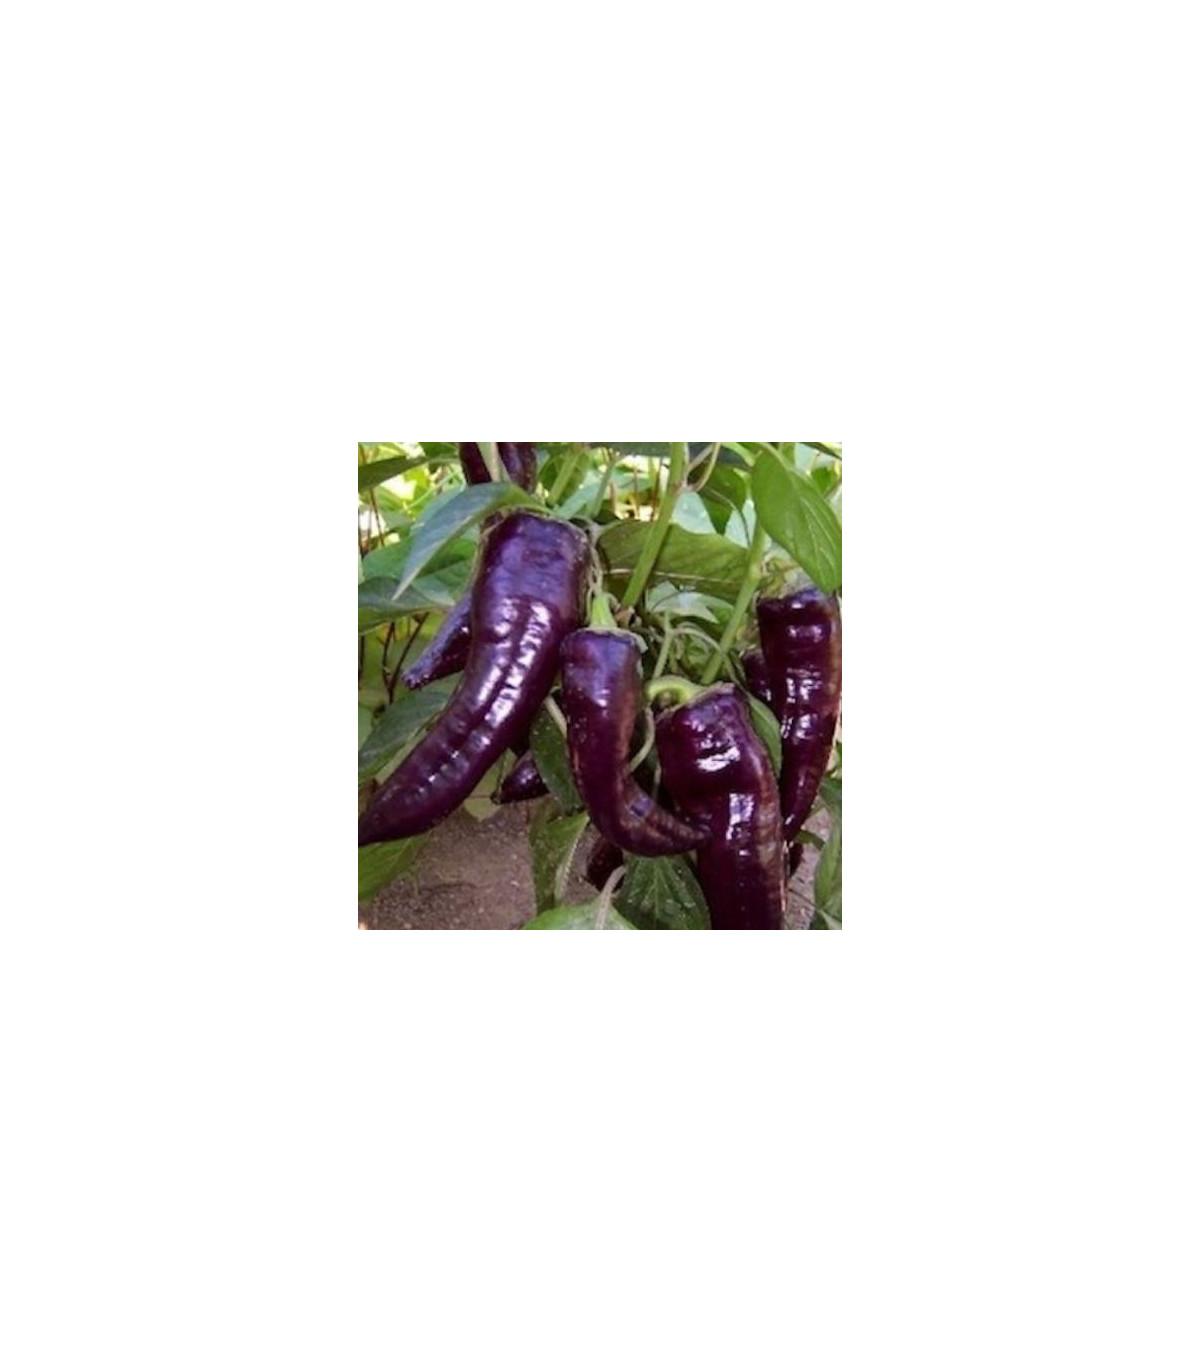 Chilli Dorset Naga - Capsicum chinense - 6 ks